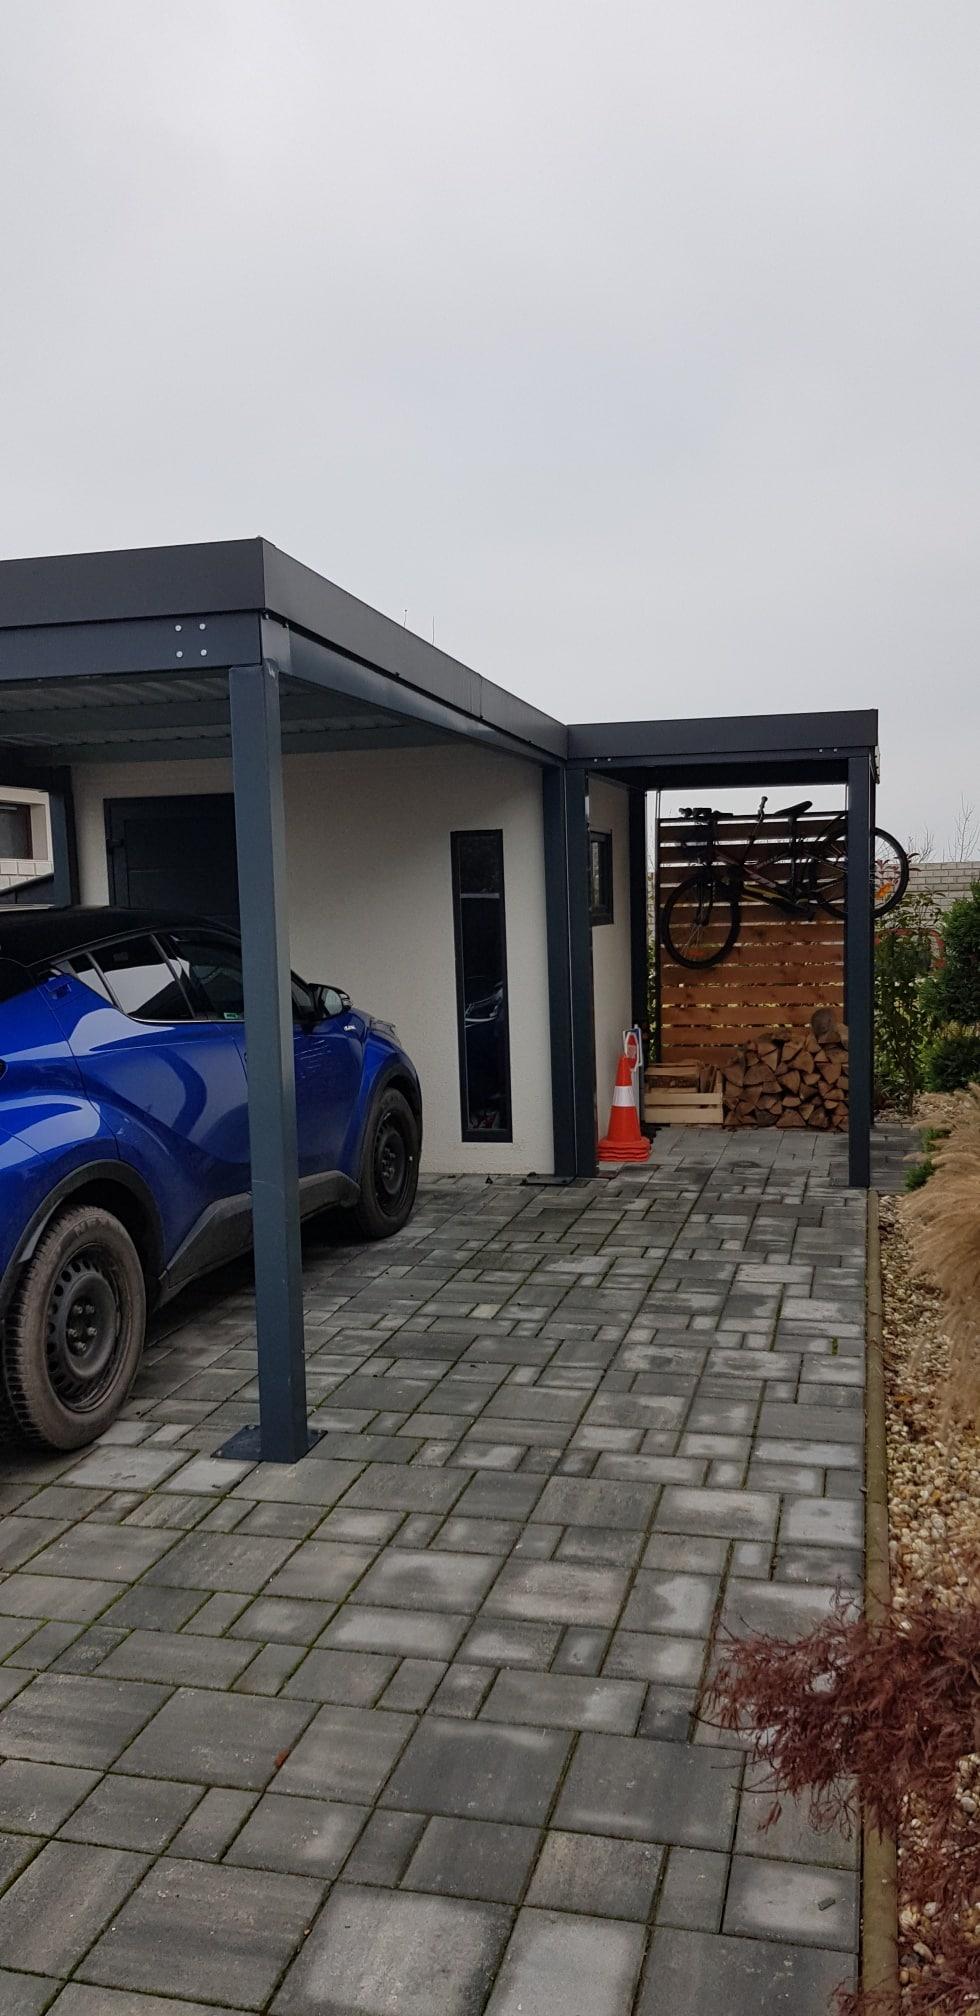 Záhradný domček s prístreškom pod autom a s menším prístreškom